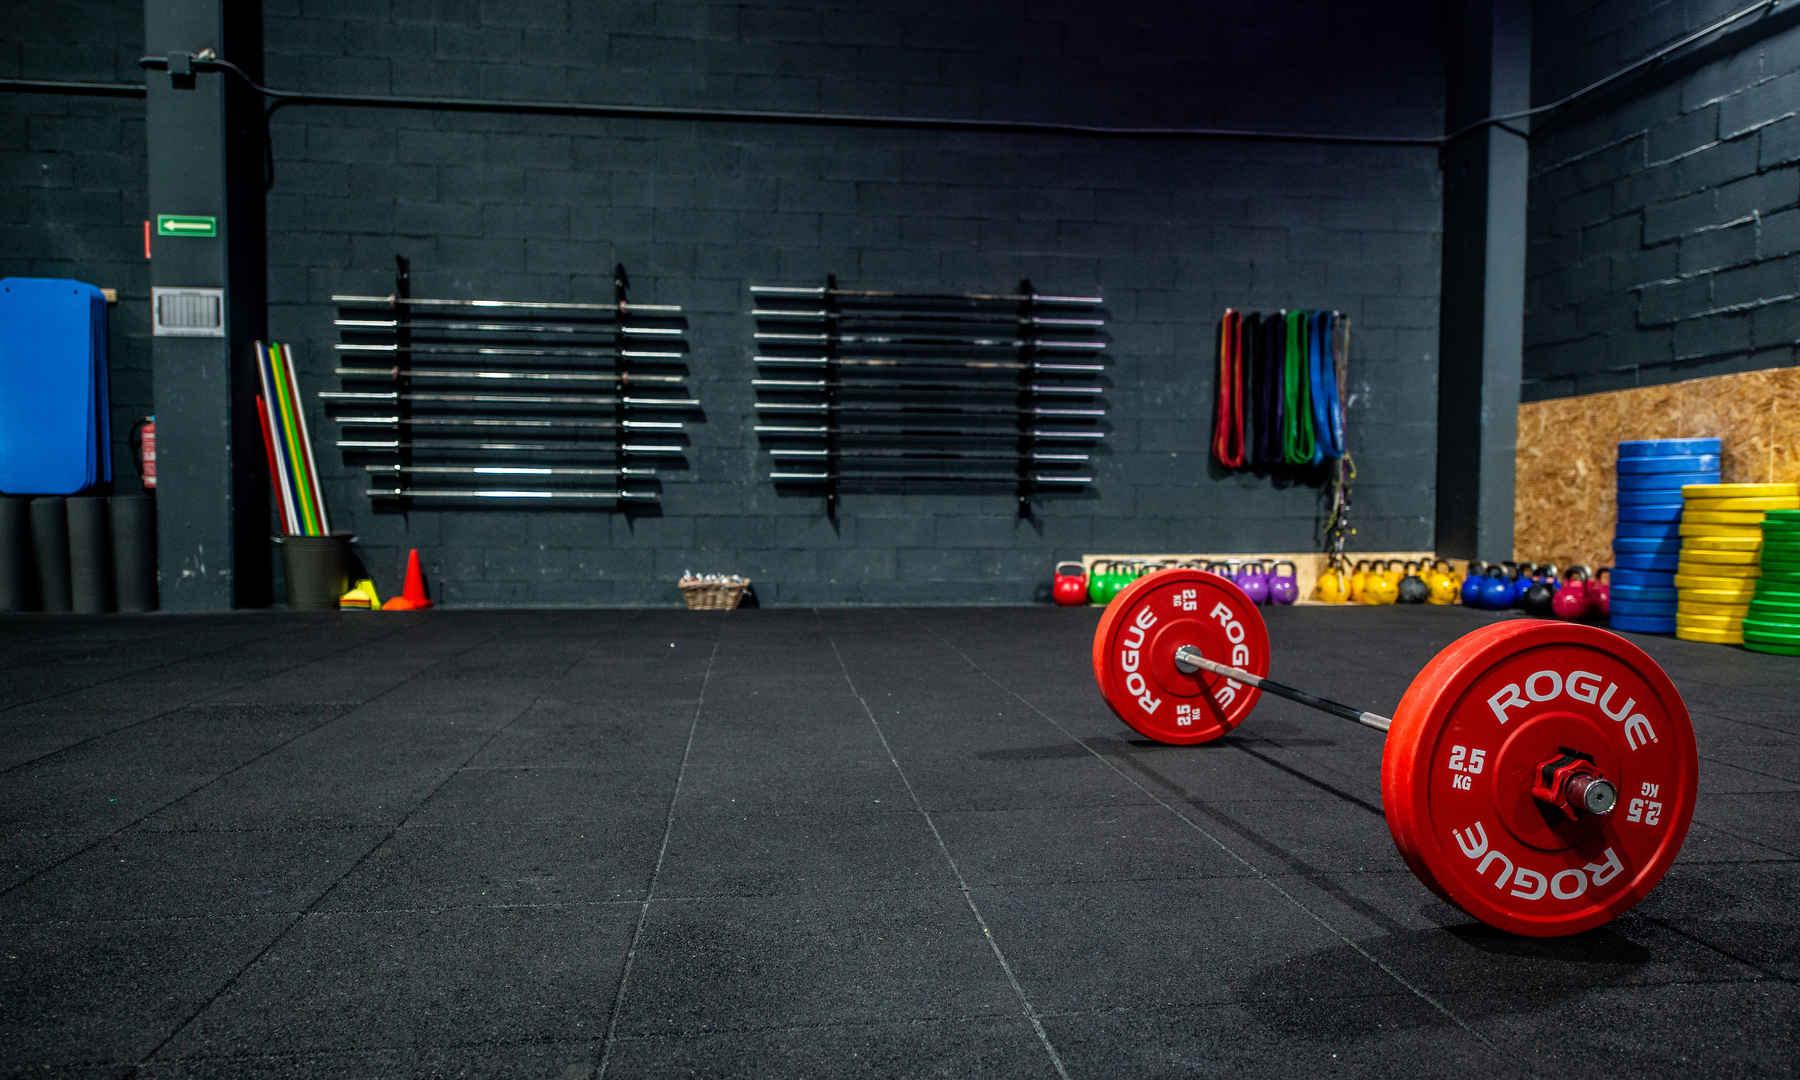 Barras olimpicas,  CrossFit, box, gimnasio, kids, sada, oleiros, coruña, miño, culleredo, abdominales, mucle up, ejercicio, halterofilia, remo, assault, galicia, betanzos, deporte, carrera, rogue